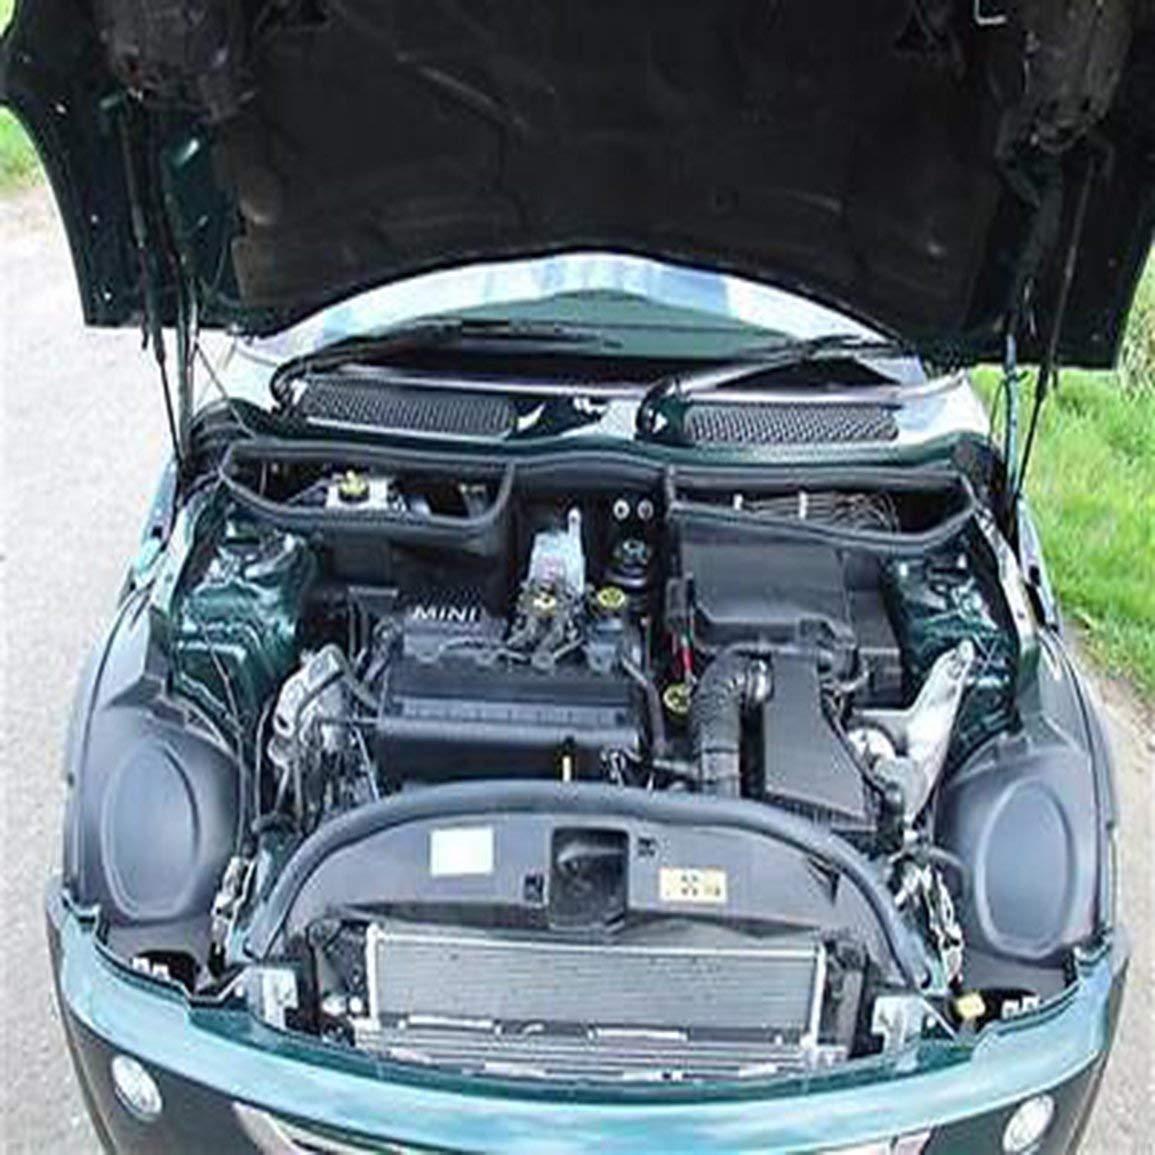 Fantasyworld Expansi/ón de radiador para Botella de Agua Cap Mini One /& Cooper 2001-2006 Gasolina